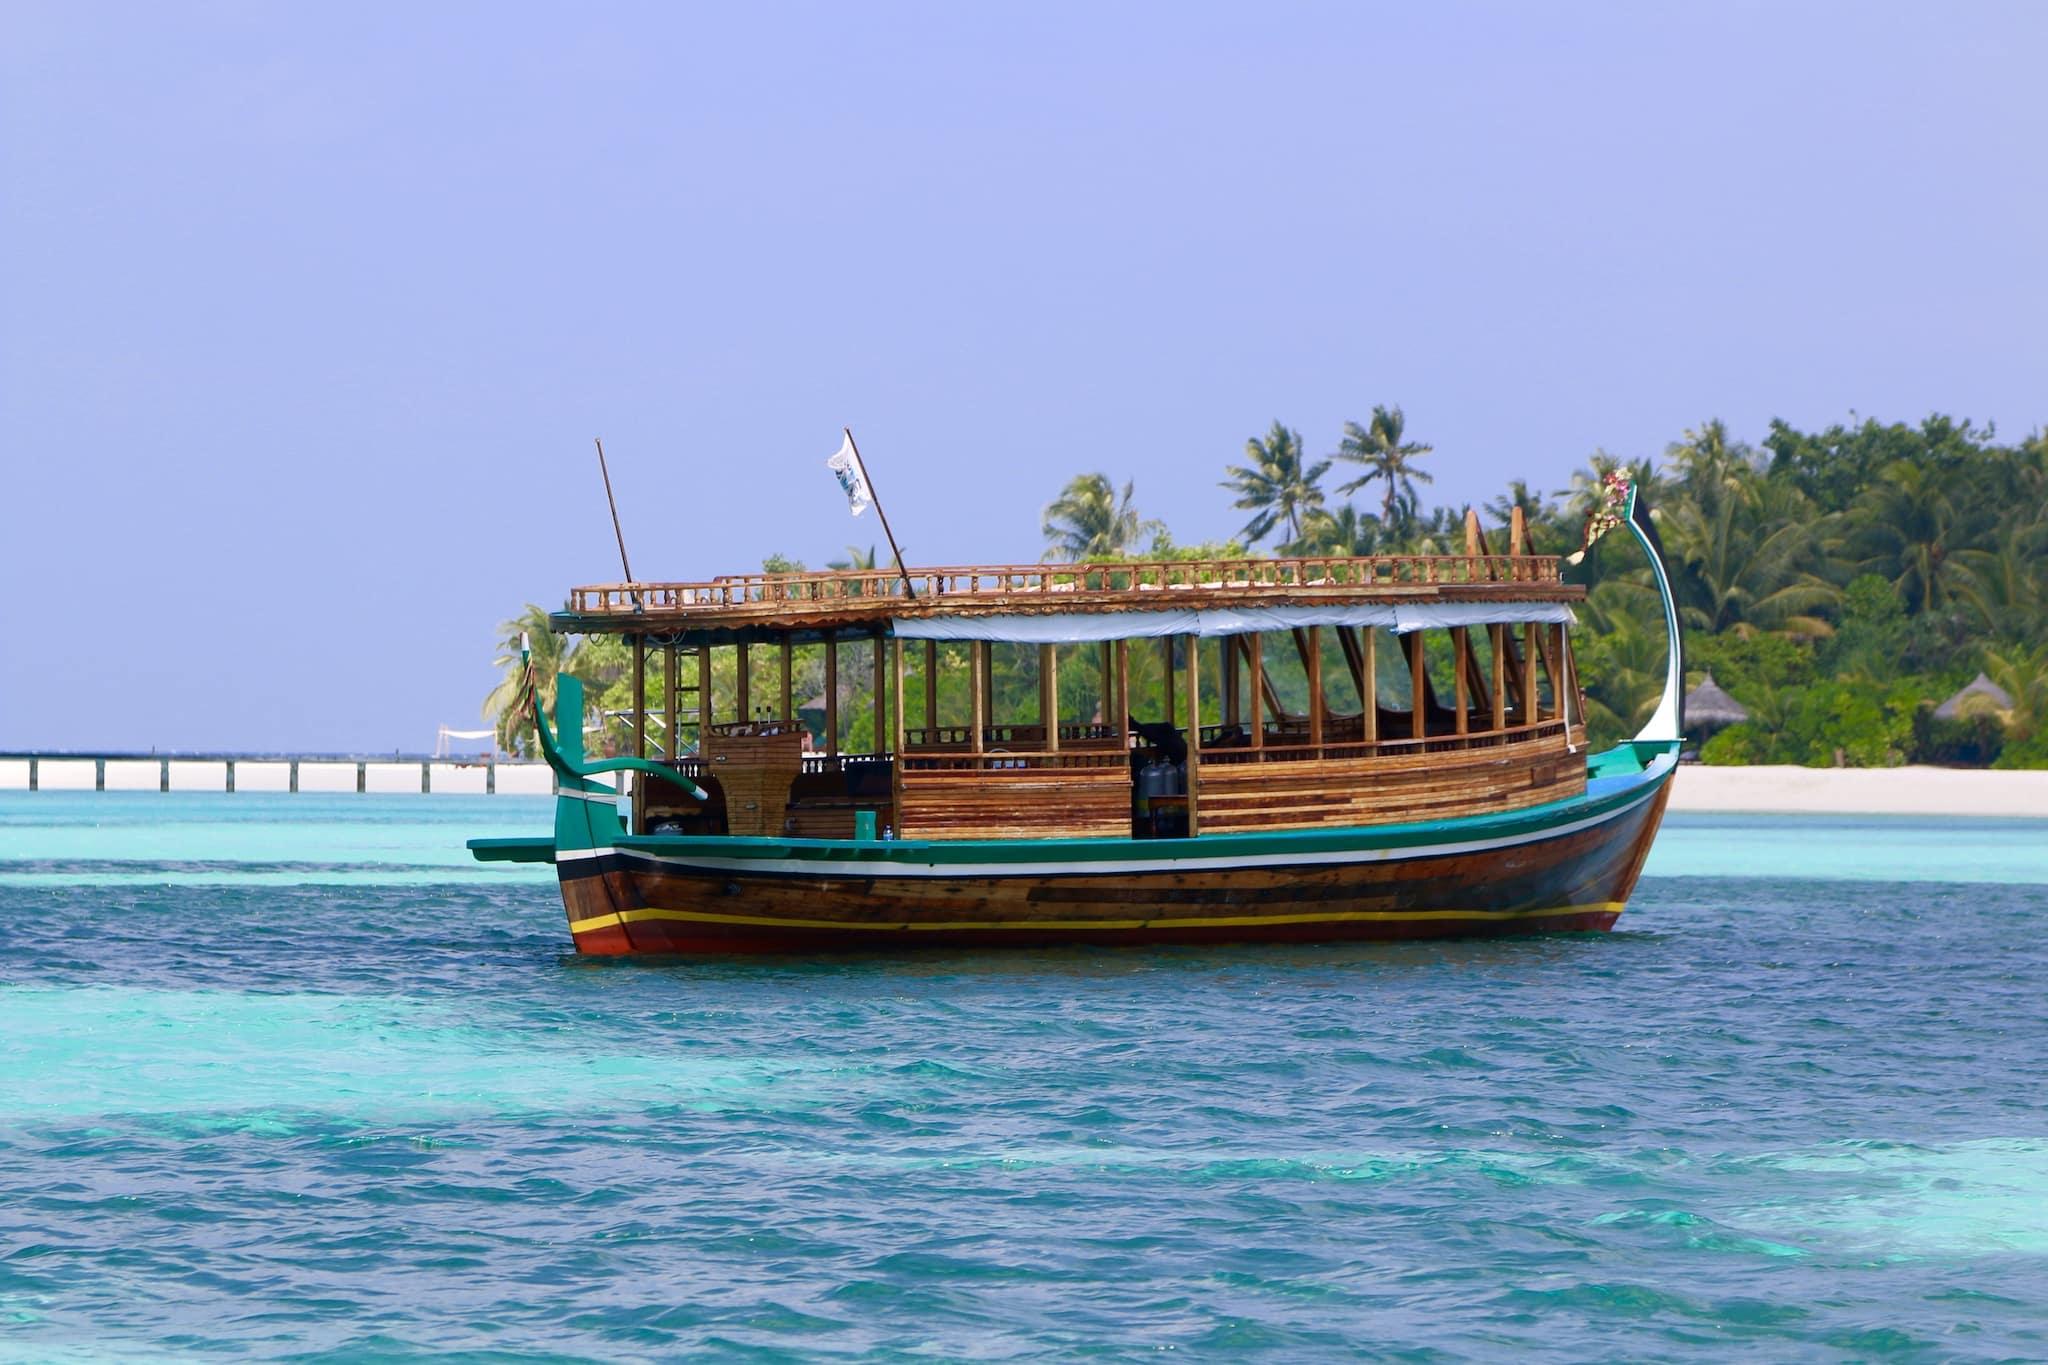 Auf Tour mit dem traditionellen Dhoni. Die Schiffe bringen dich zuverlässig überall hin. Für weitere Touren nimmt man in der Regel ein Schnellboot. Foto: Sascha Tegtmeyer Reisebericht Malediven Tipps